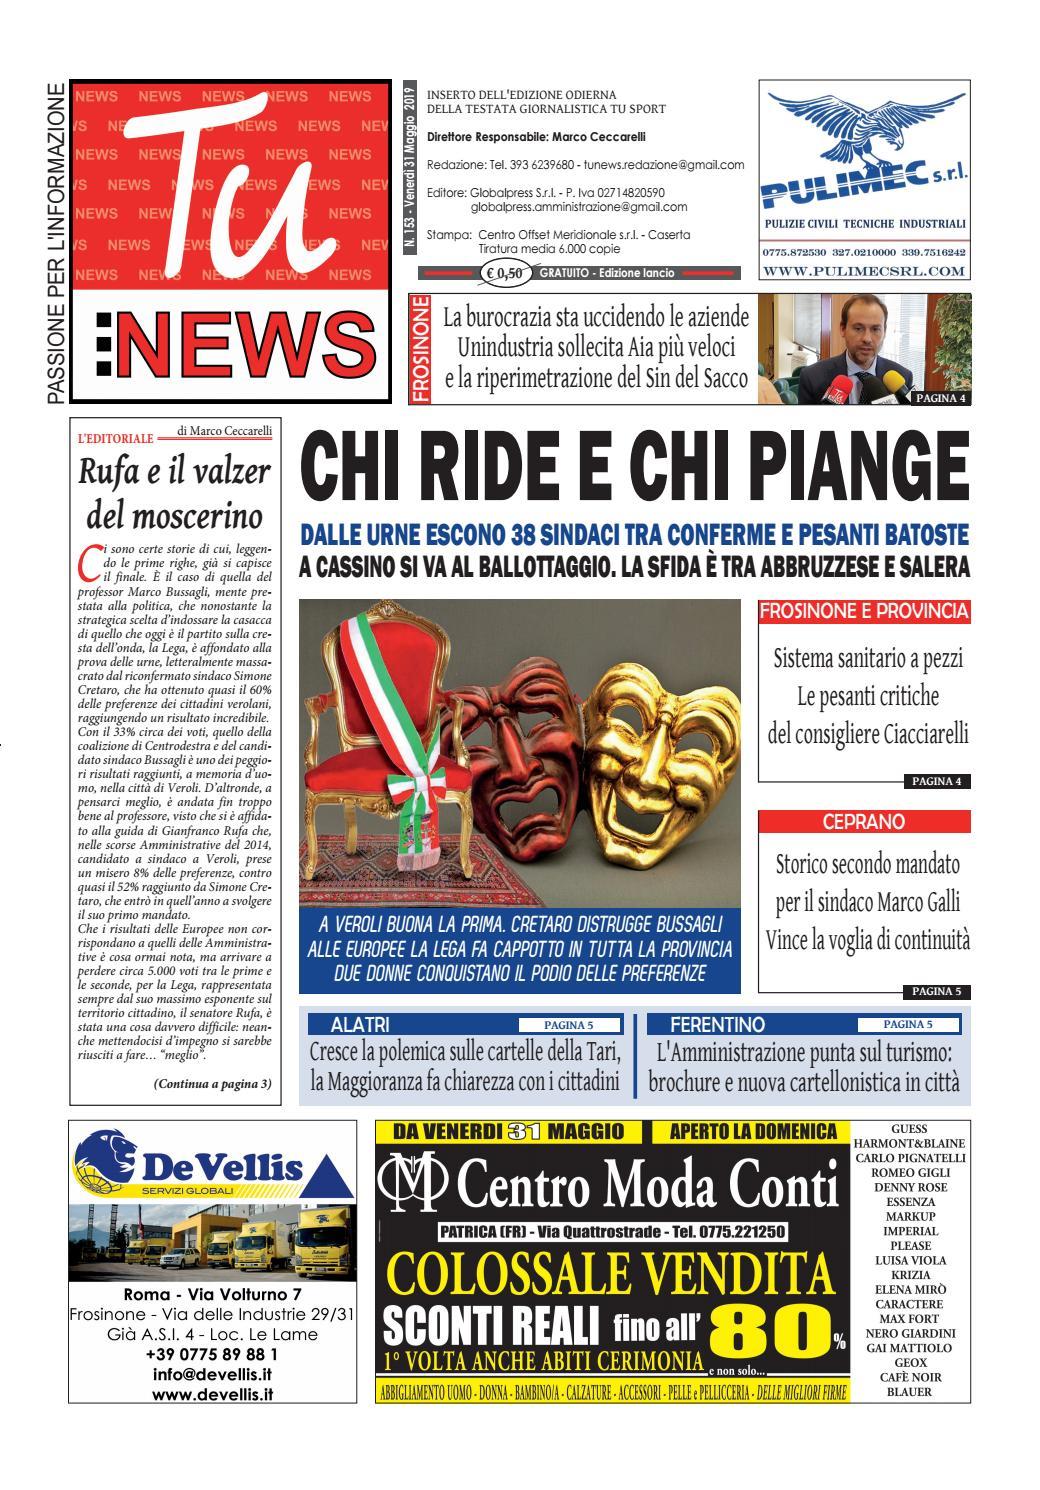 efba3fabd8d9 Tu NEWS n. 153 by tusport.redazione - issuu